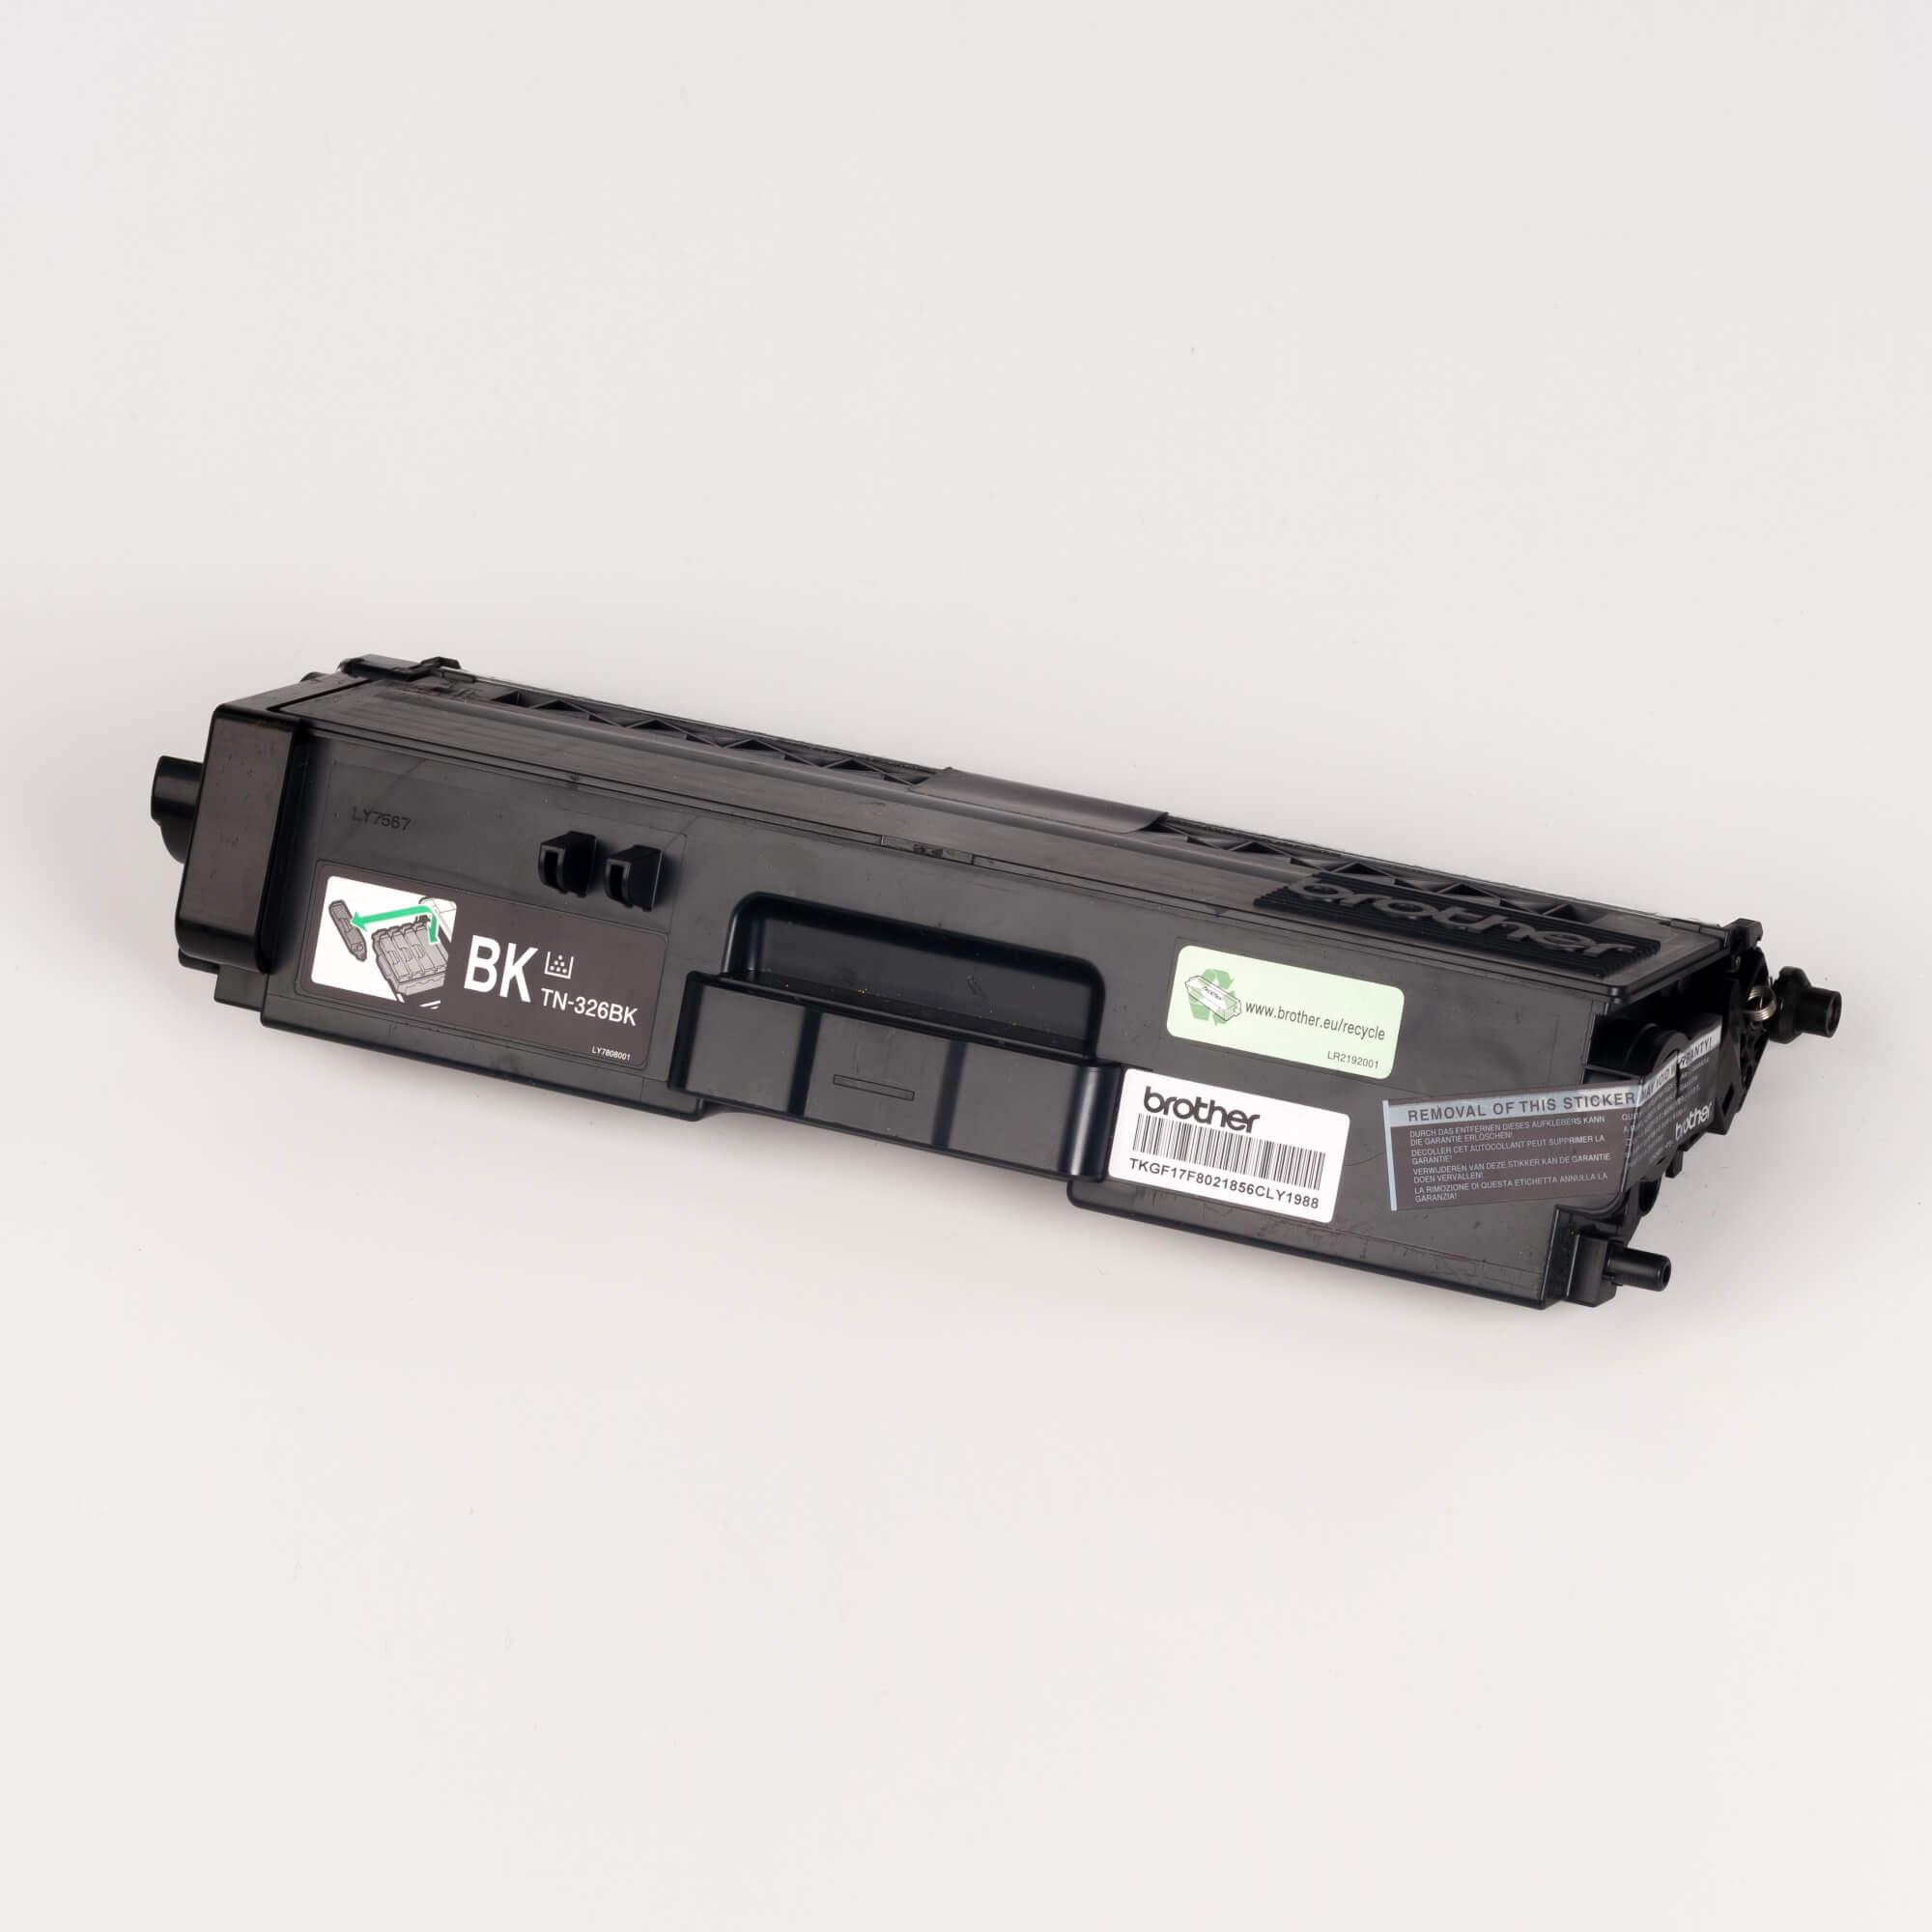 Auf dem Bild sehen Sie eine Brother TN-326BK Schwarz Original Tonerkassette